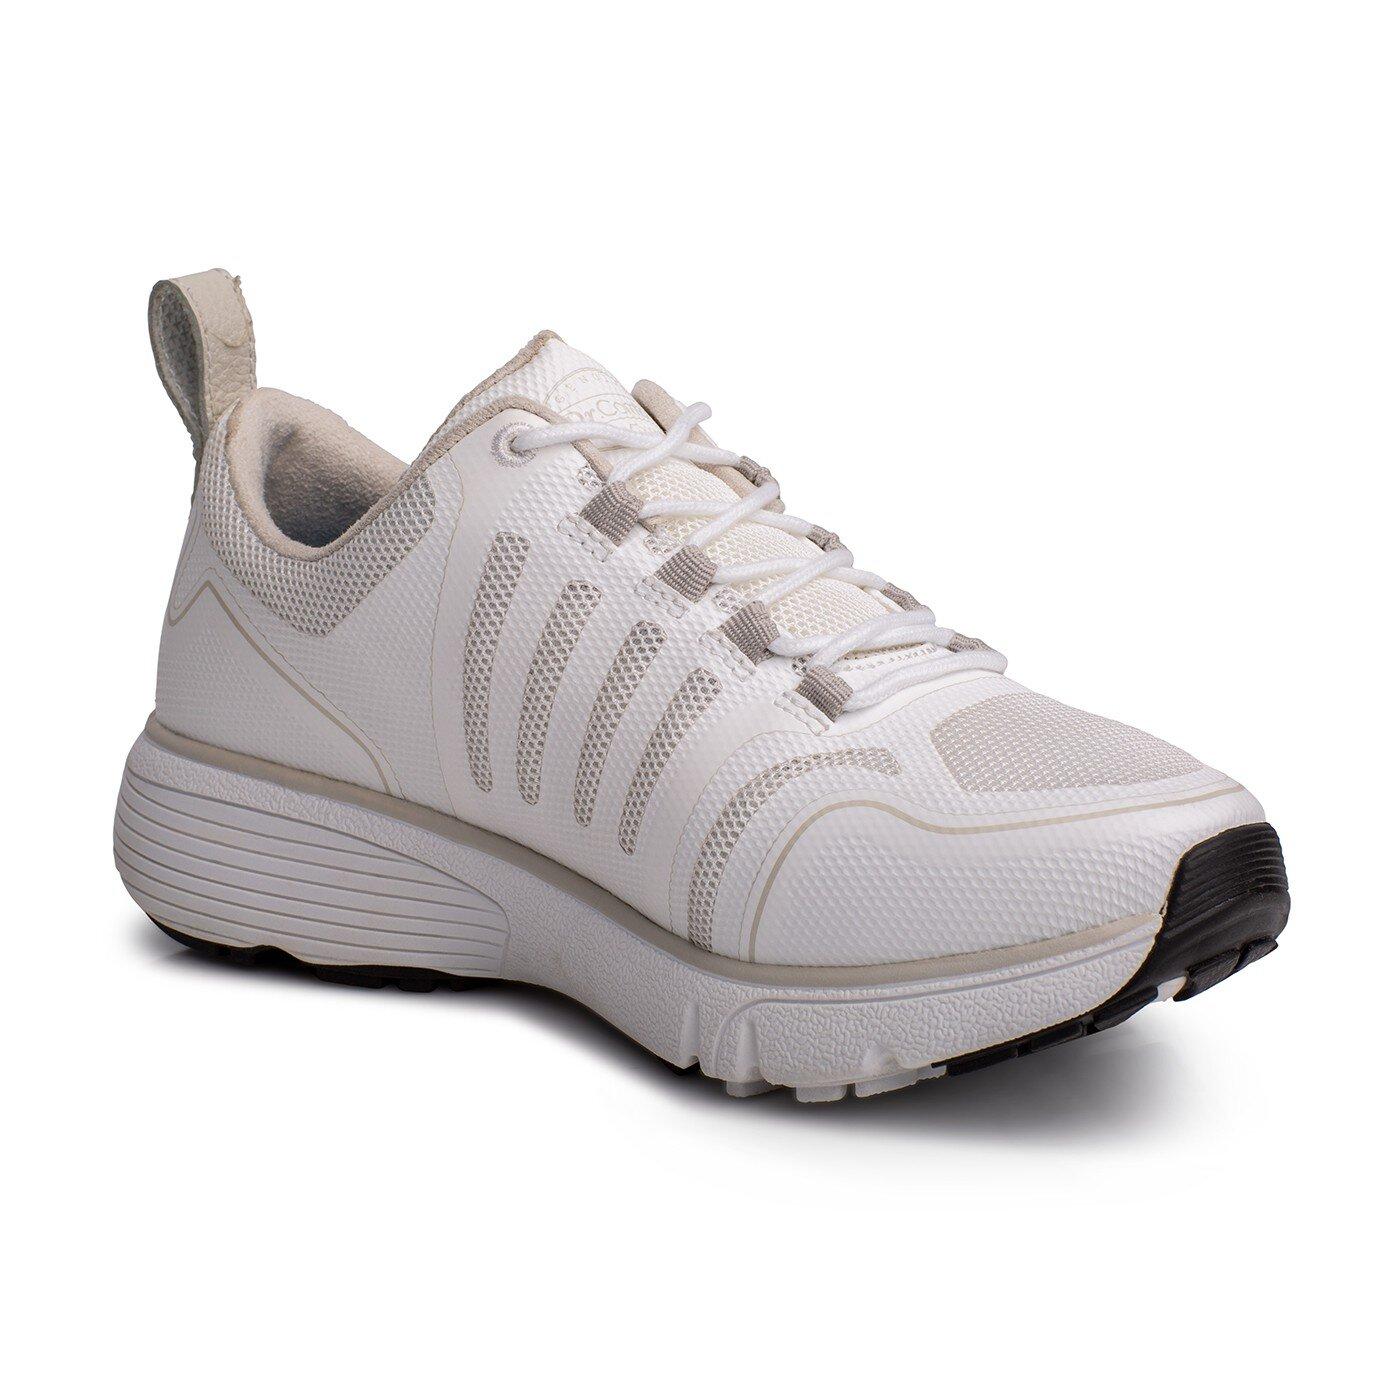 Dr Comfort Grace Women's Shoes